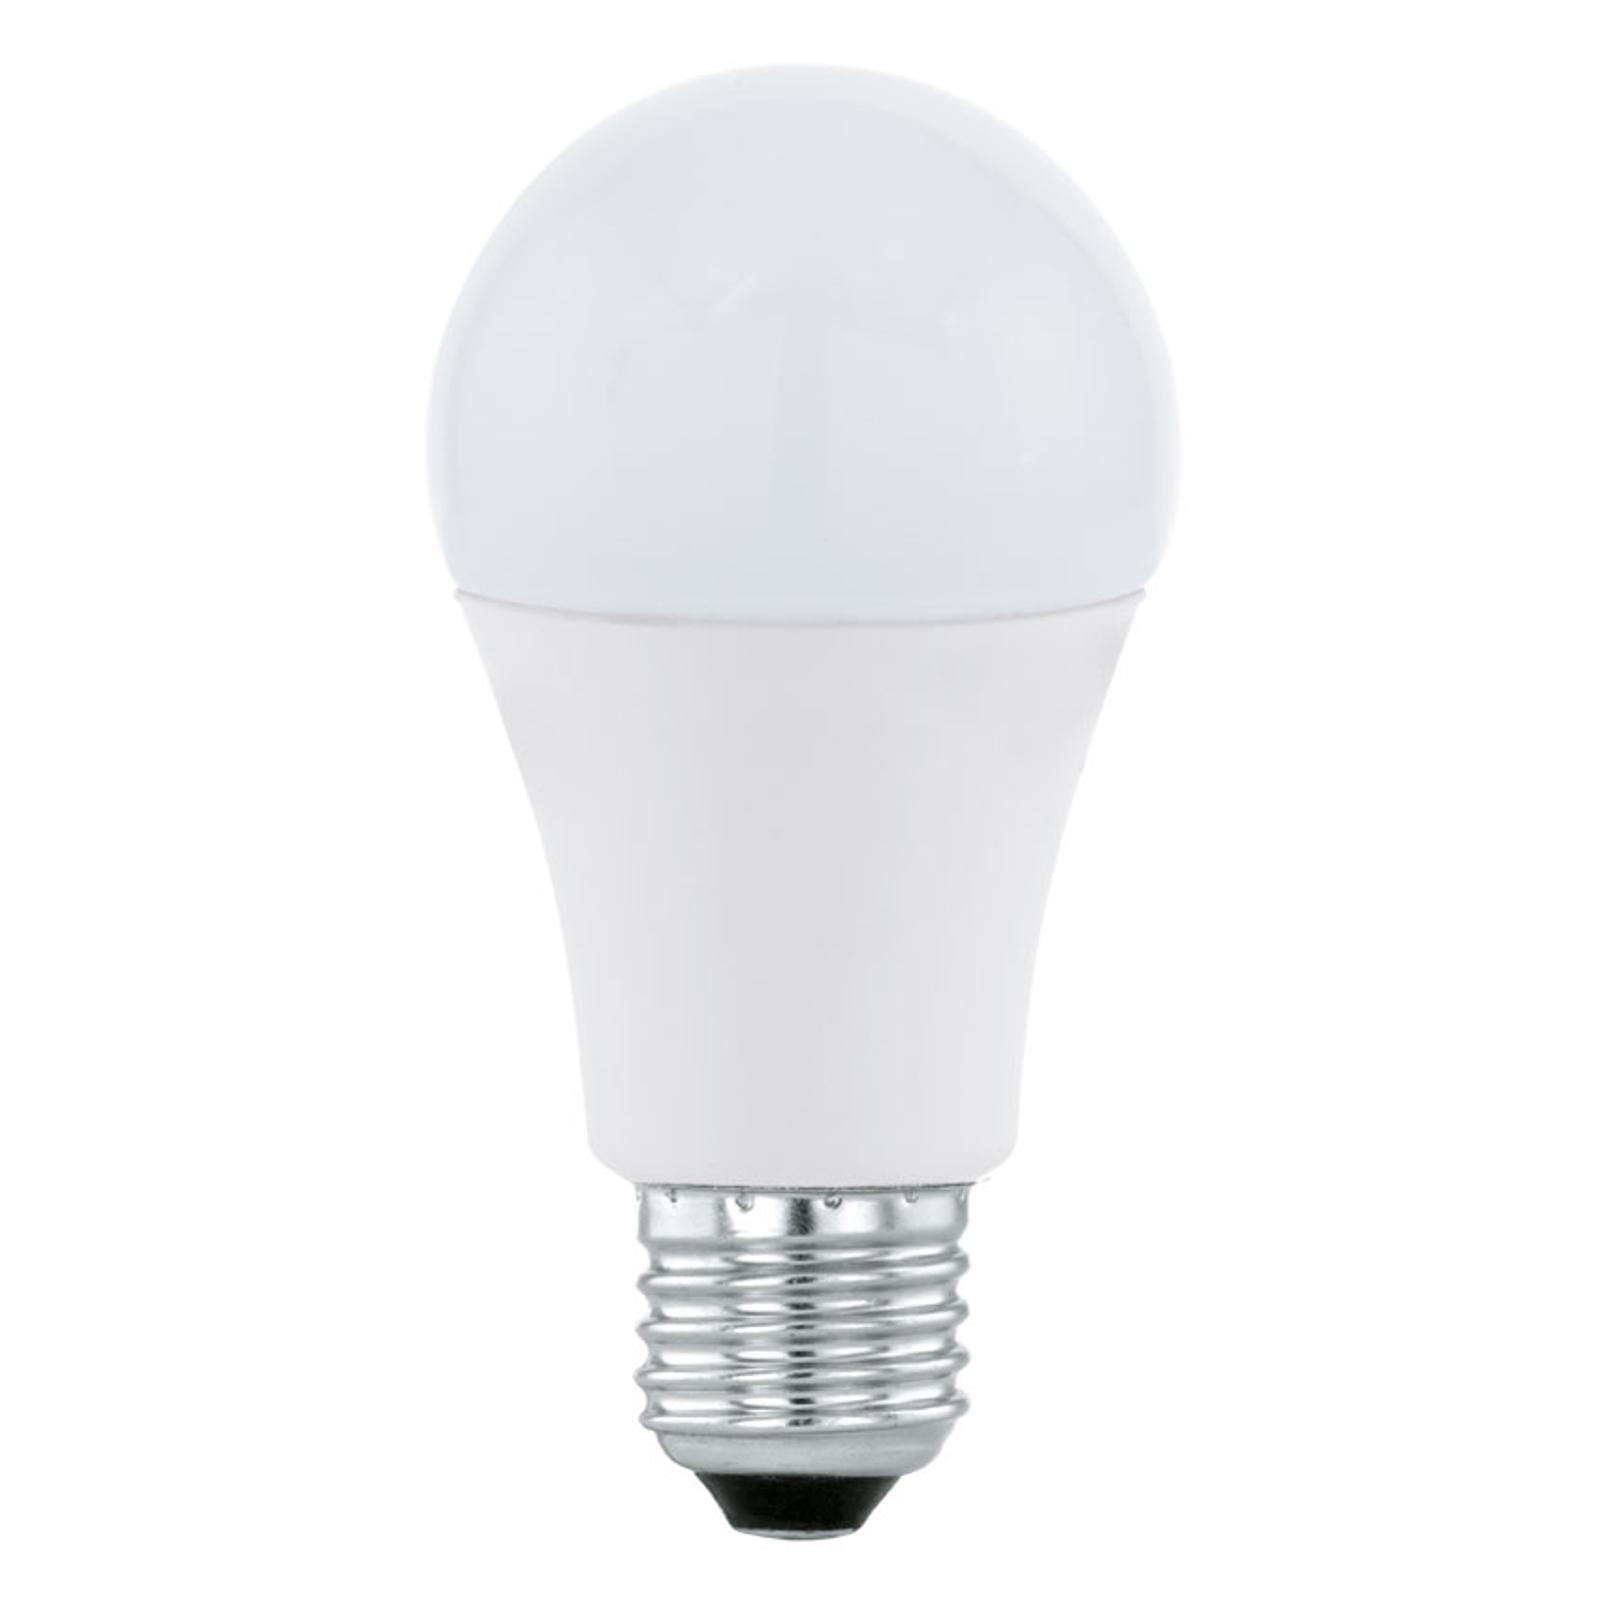 LED-Lampe E27 A60 12W, warmweiß, opal